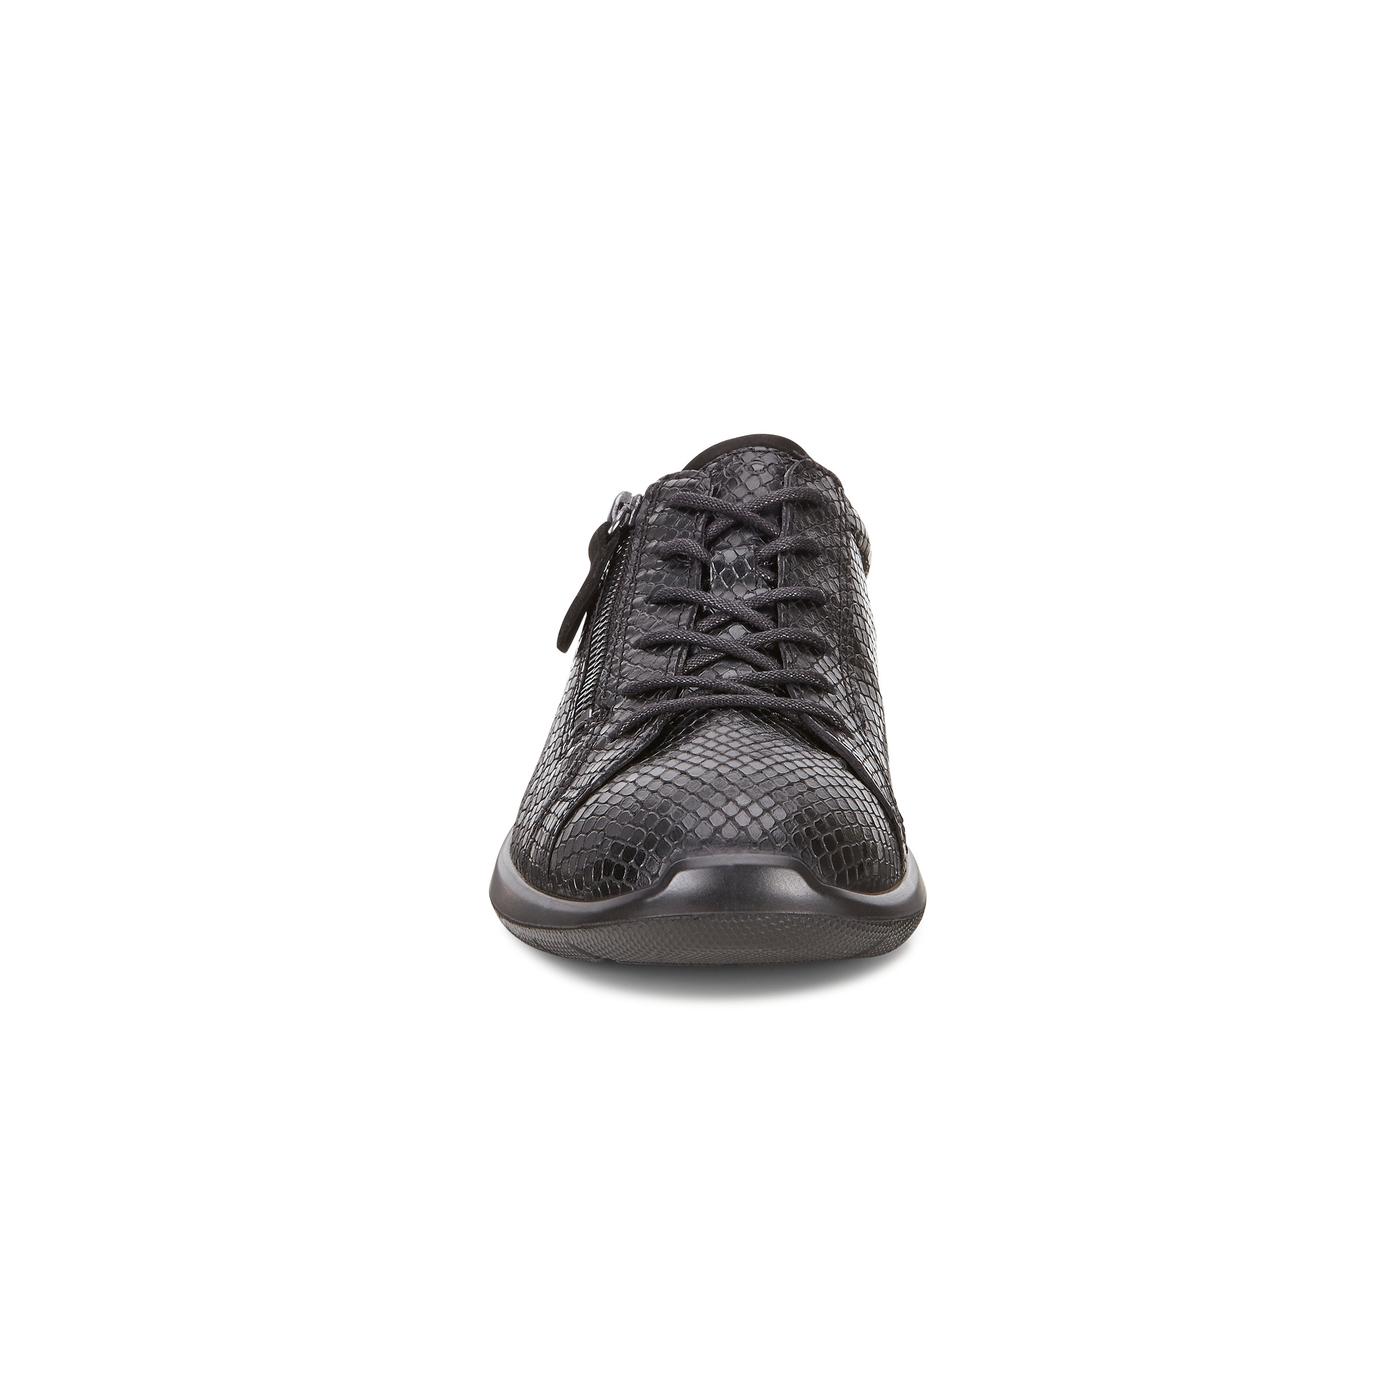 Sneaker ECCO Soft 5 fermeture éclair latérale